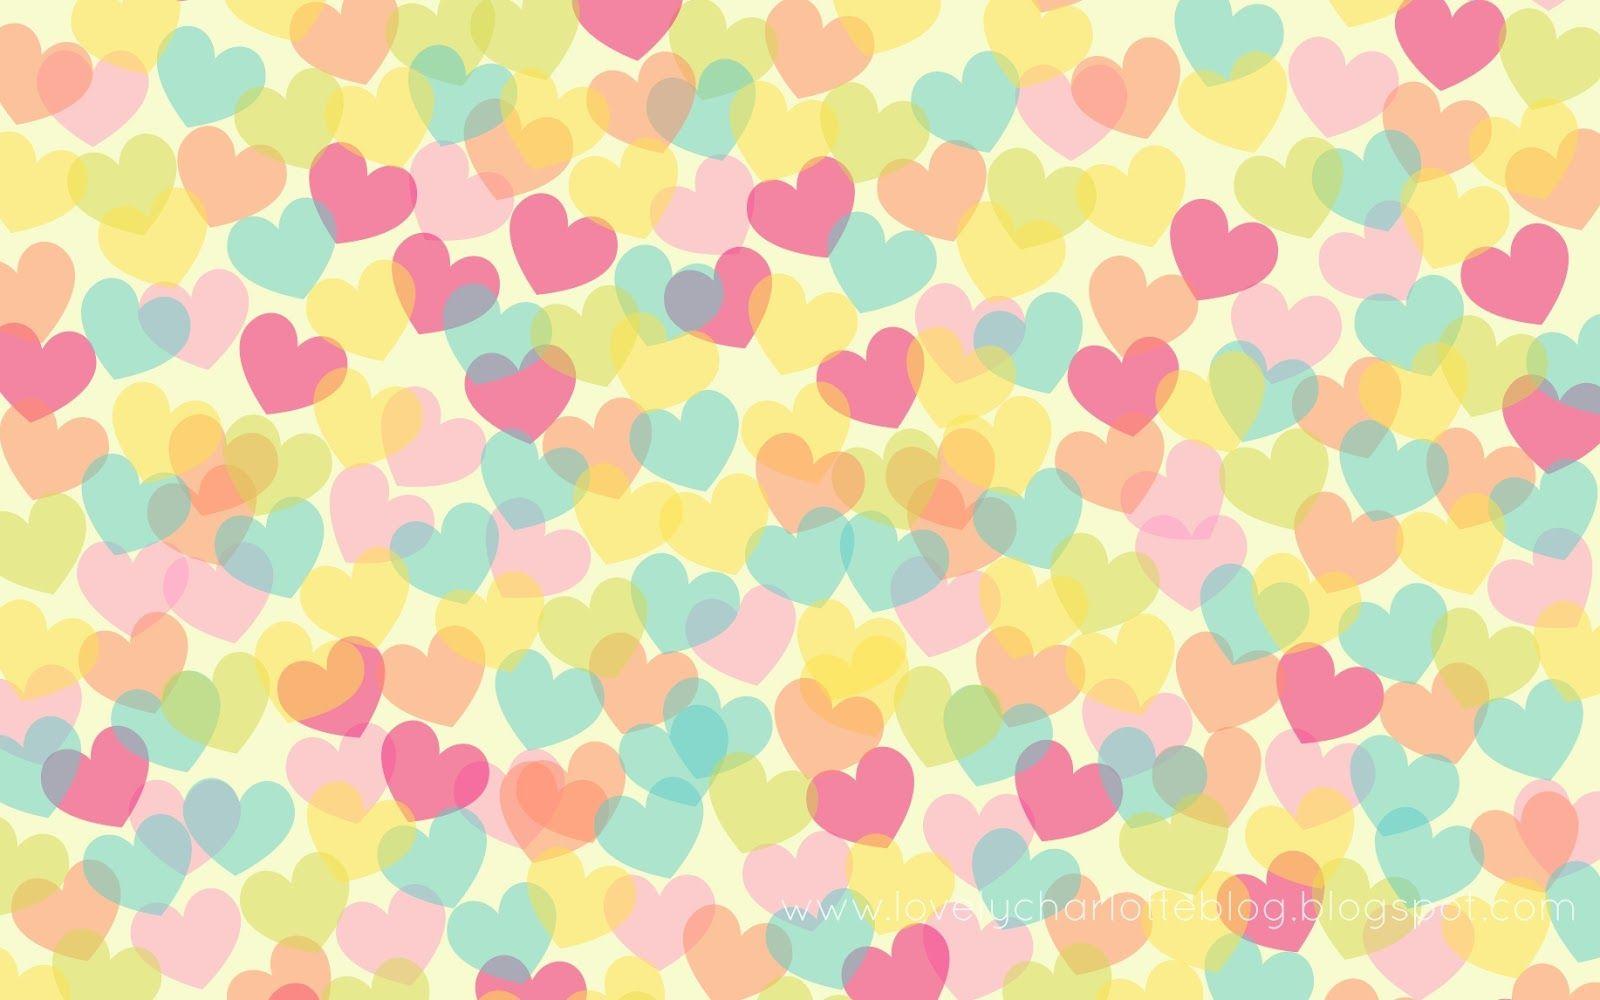 Lovely charlotte fondo de escritorio de corazones for Imagenes para fondo de escritorio